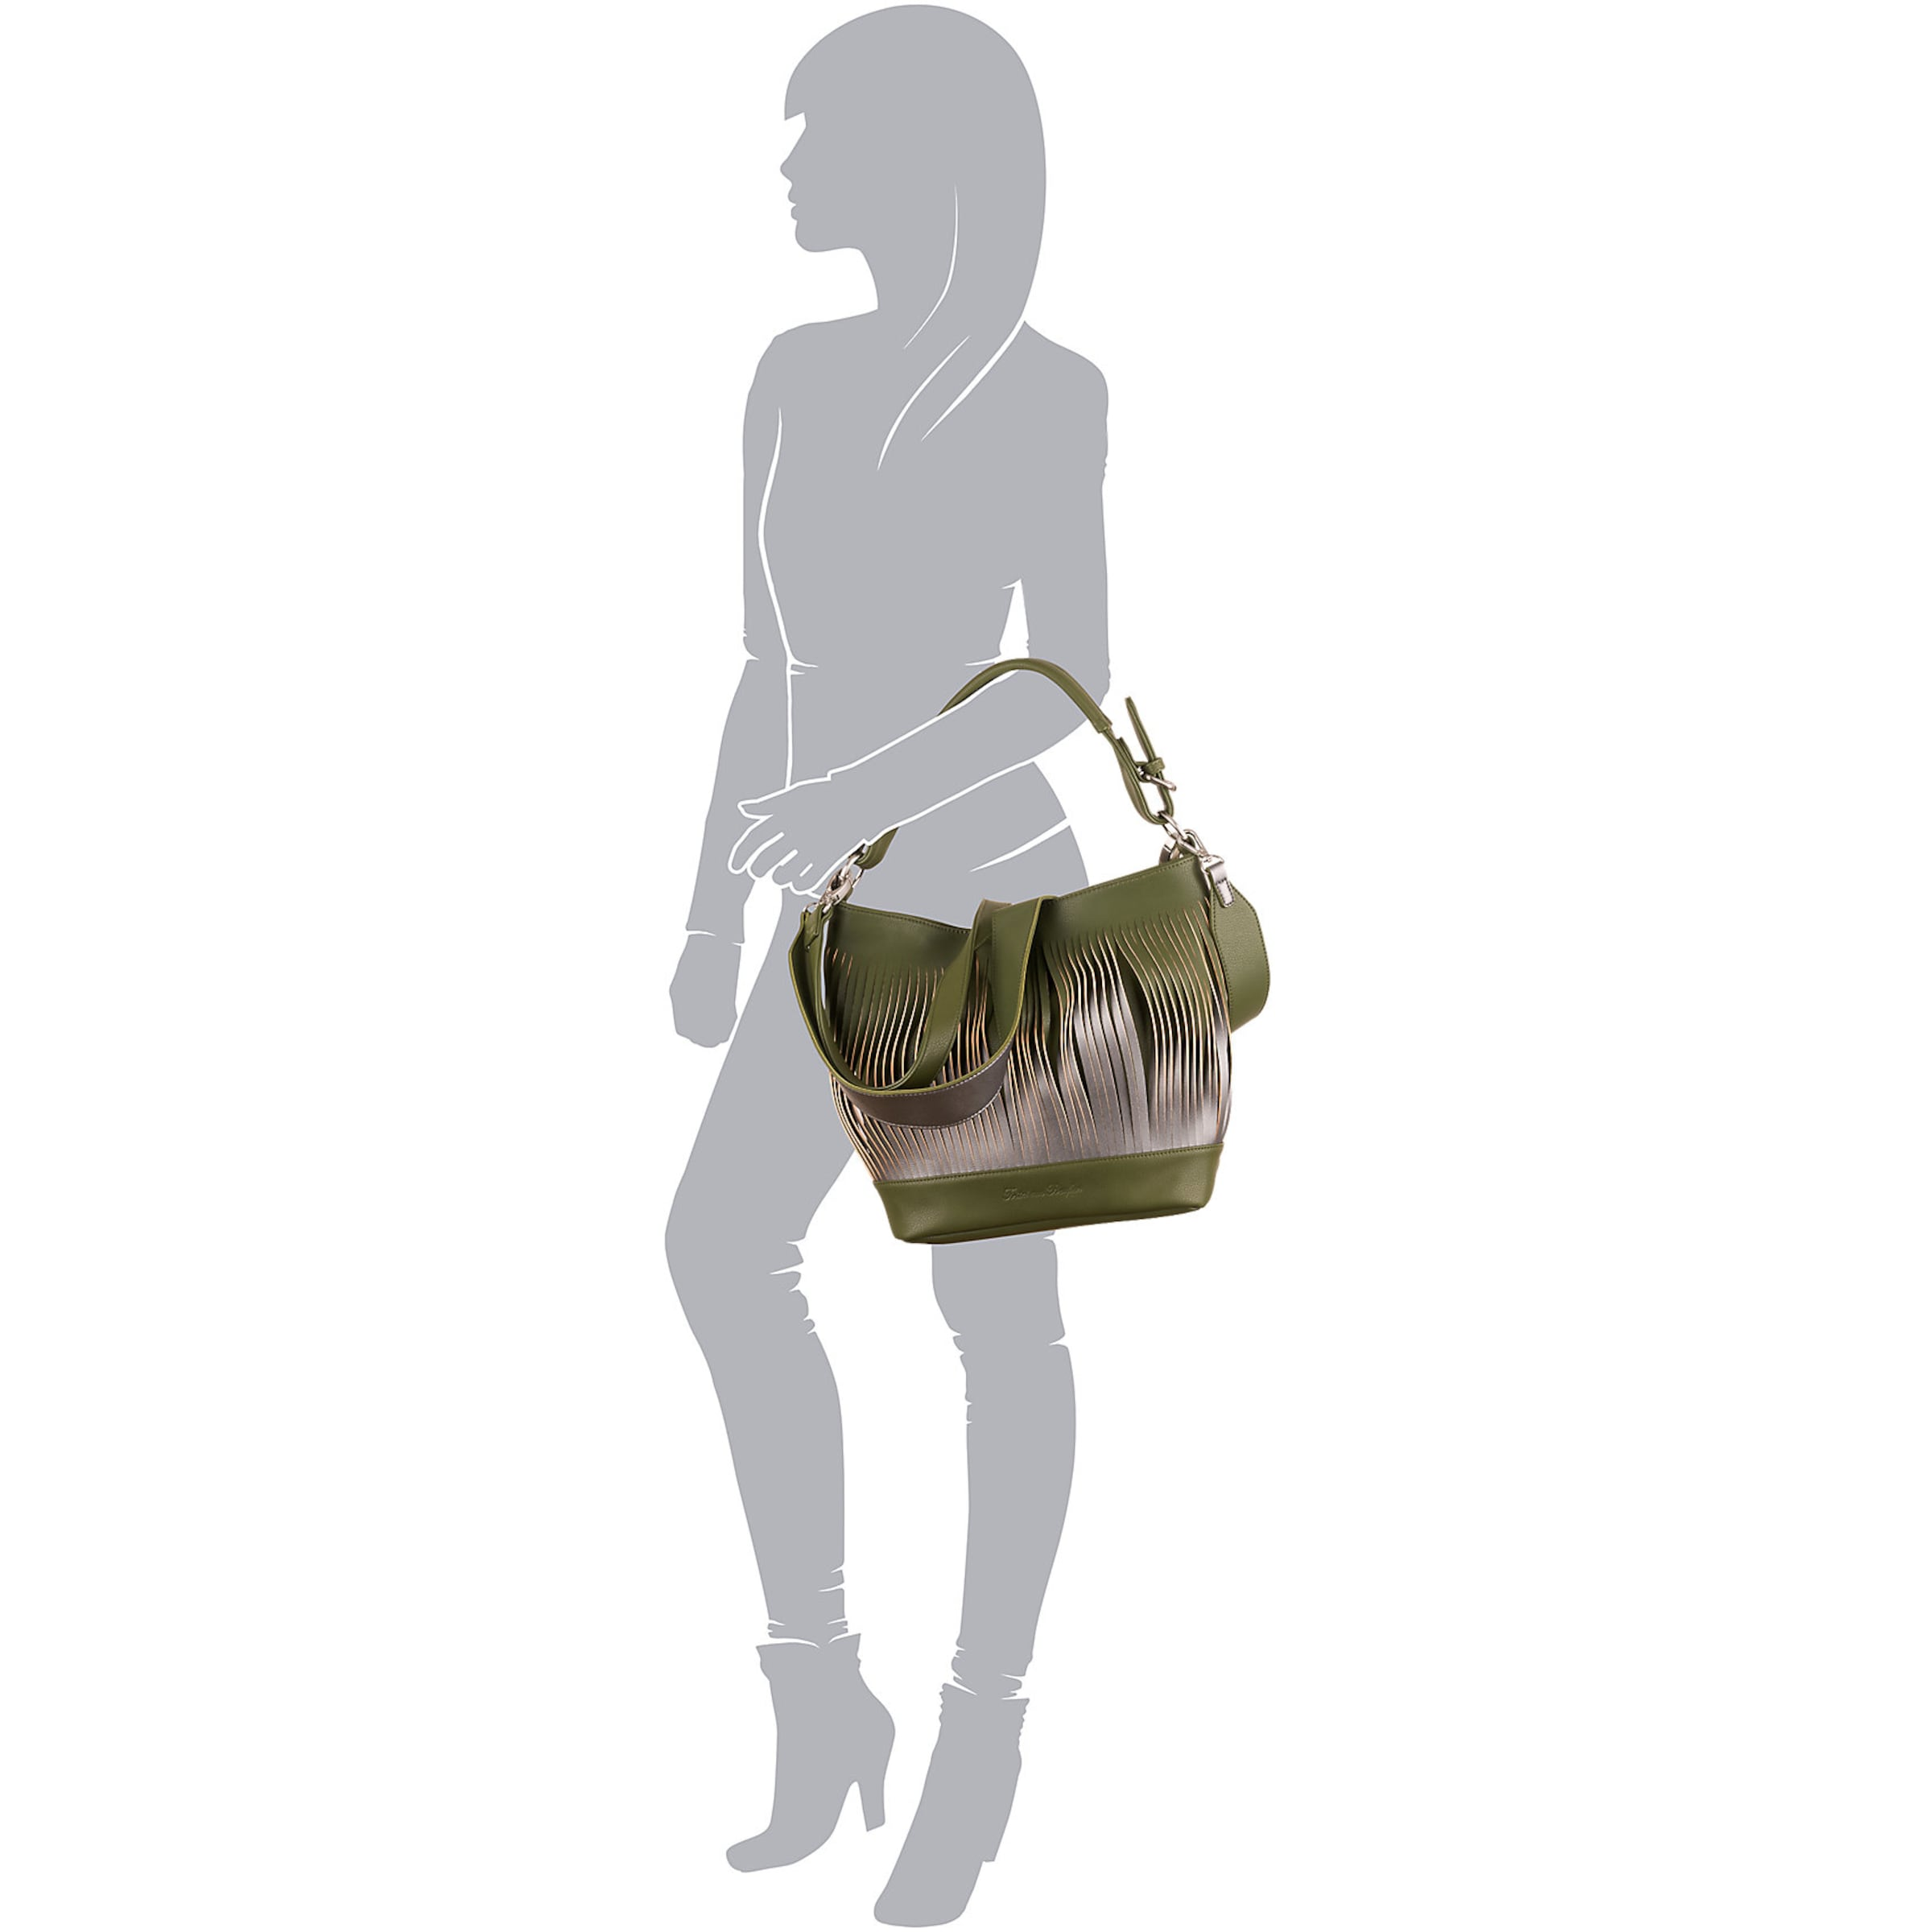 Preiswerte Reale Eastbay 2018 Unisex Günstiger Preis Fritzi aus Preußen 'Ramira' Handtasche Gefälschte Online-Verkauf Profi Zu Verkaufen Exklusiv qLbsDF4k